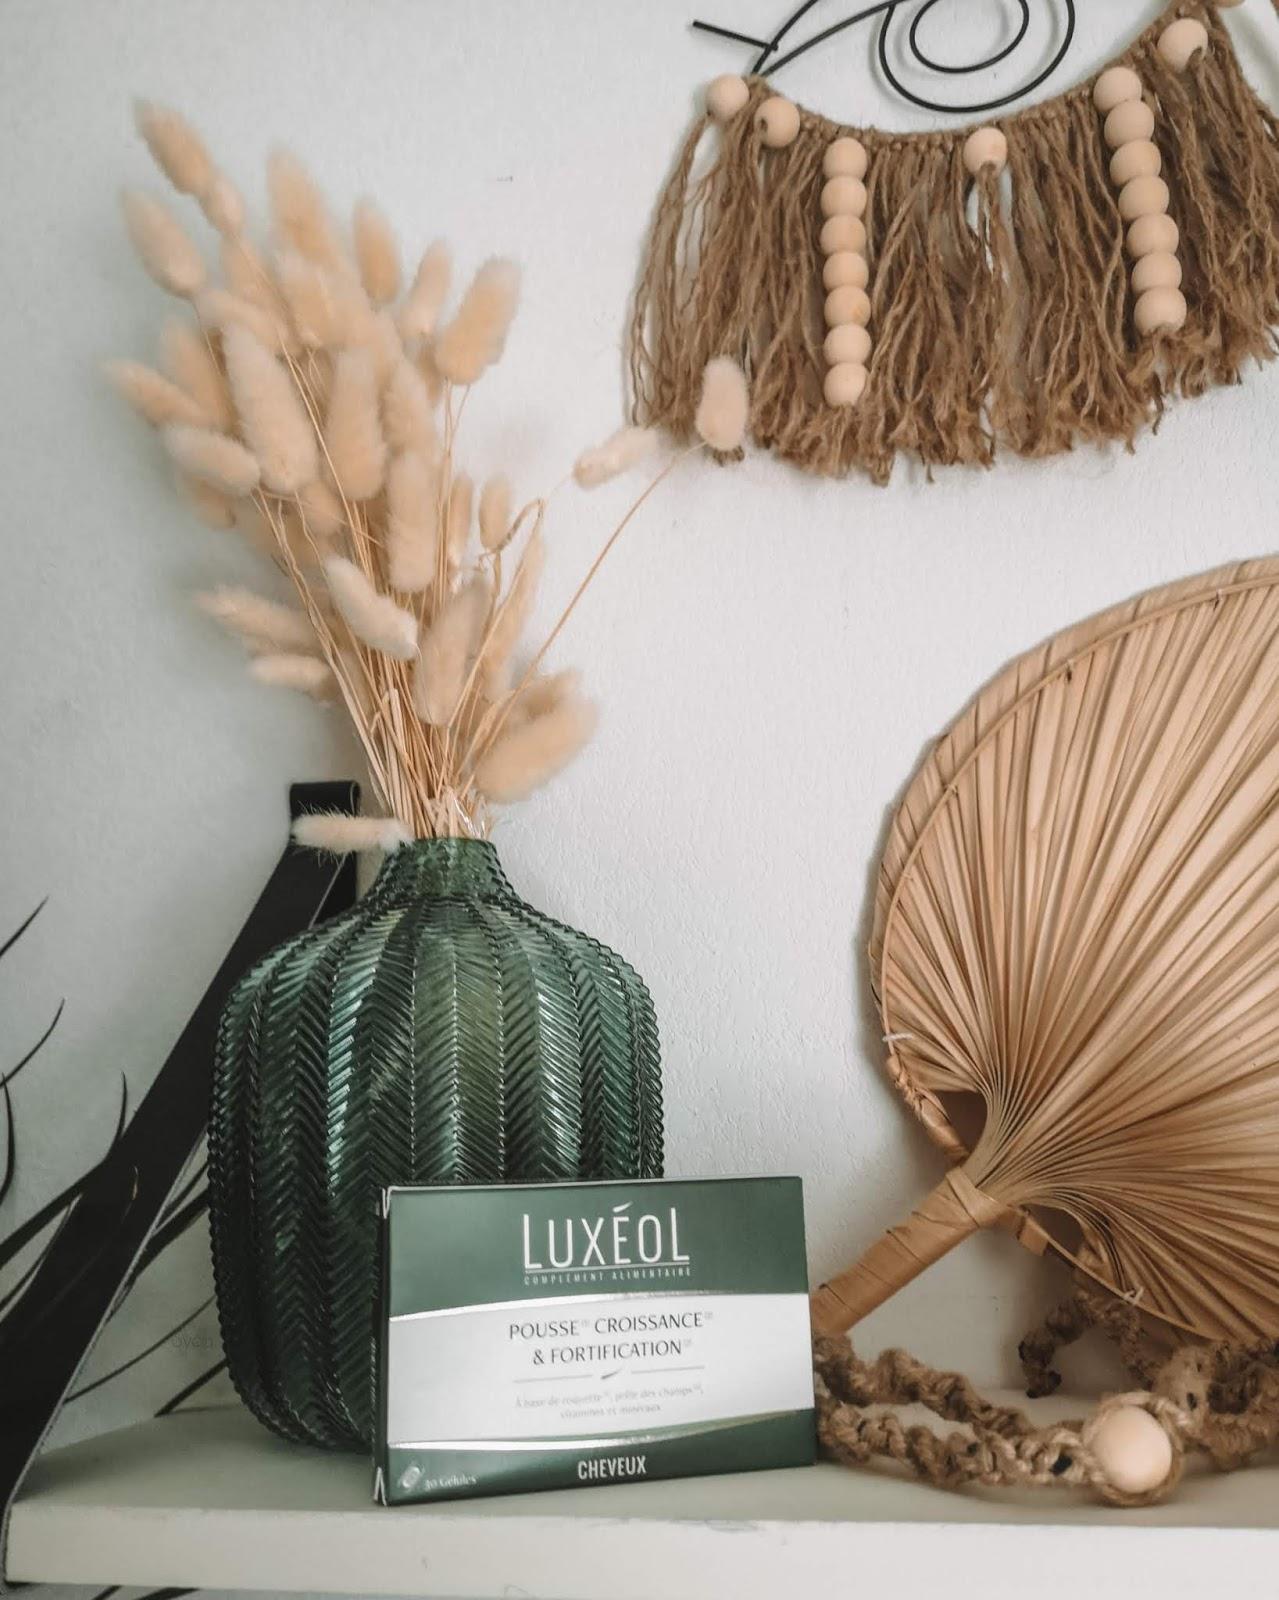 avant-apres-luxeol-programme-cheveux-pousse-croissance-fortification-hivency-mama-syca